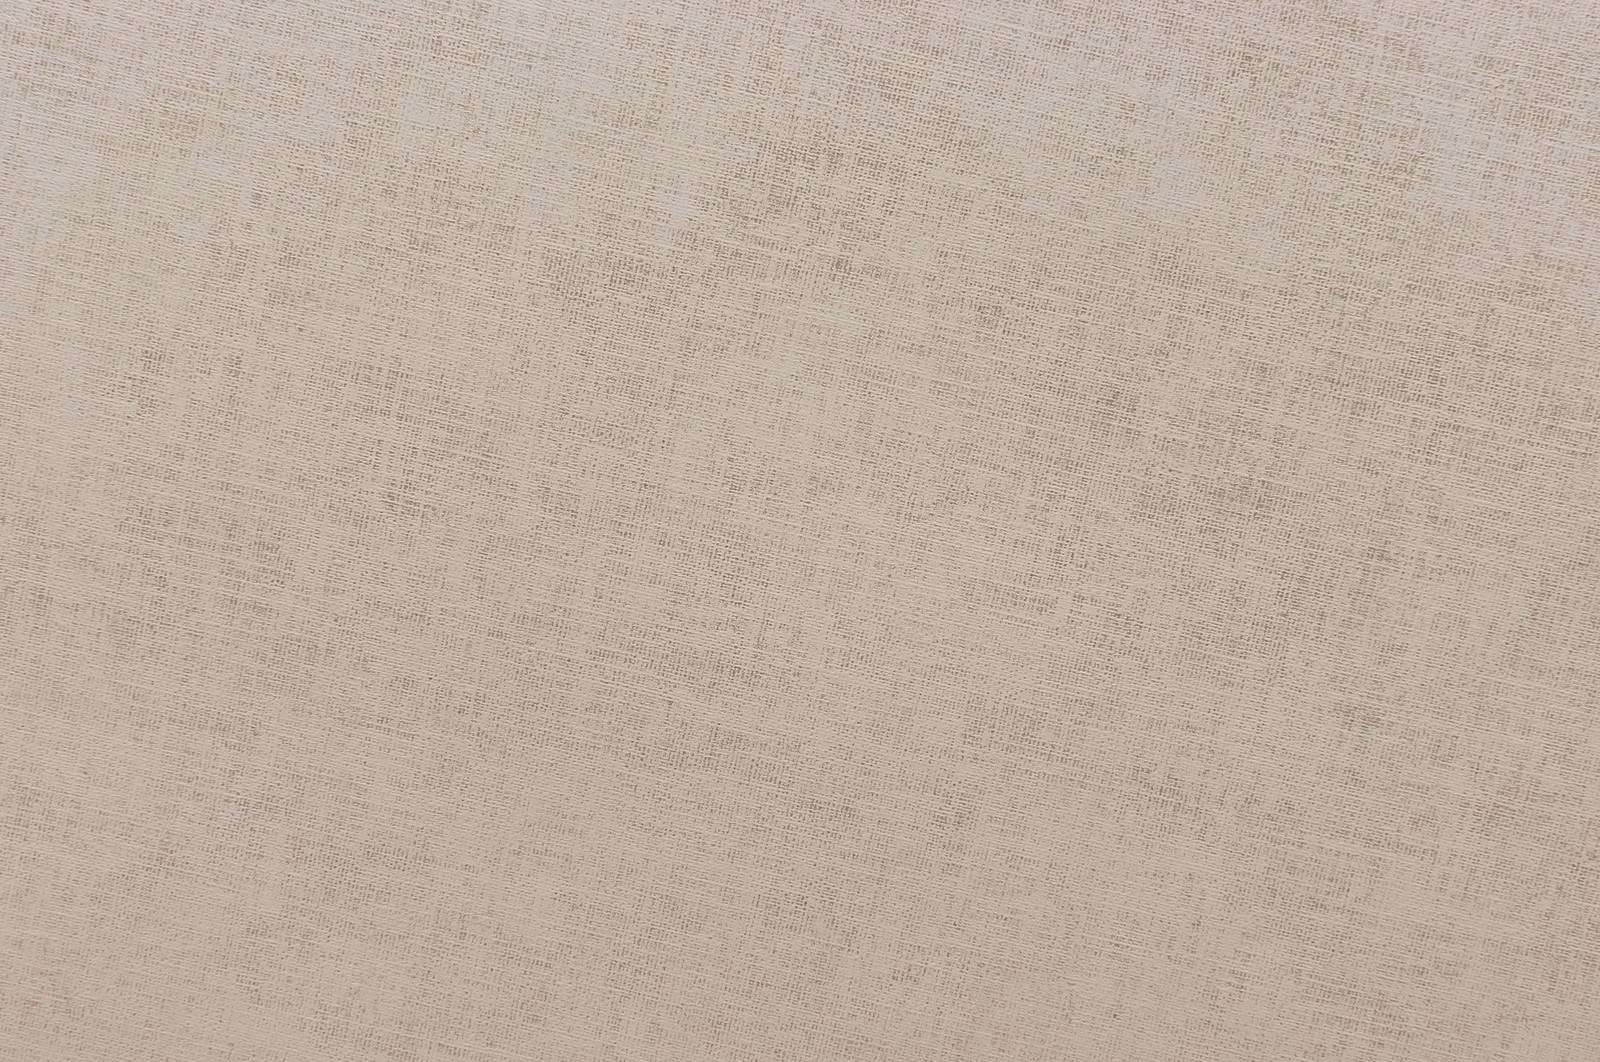 「布生地のテクスチャー(斜め)」の写真